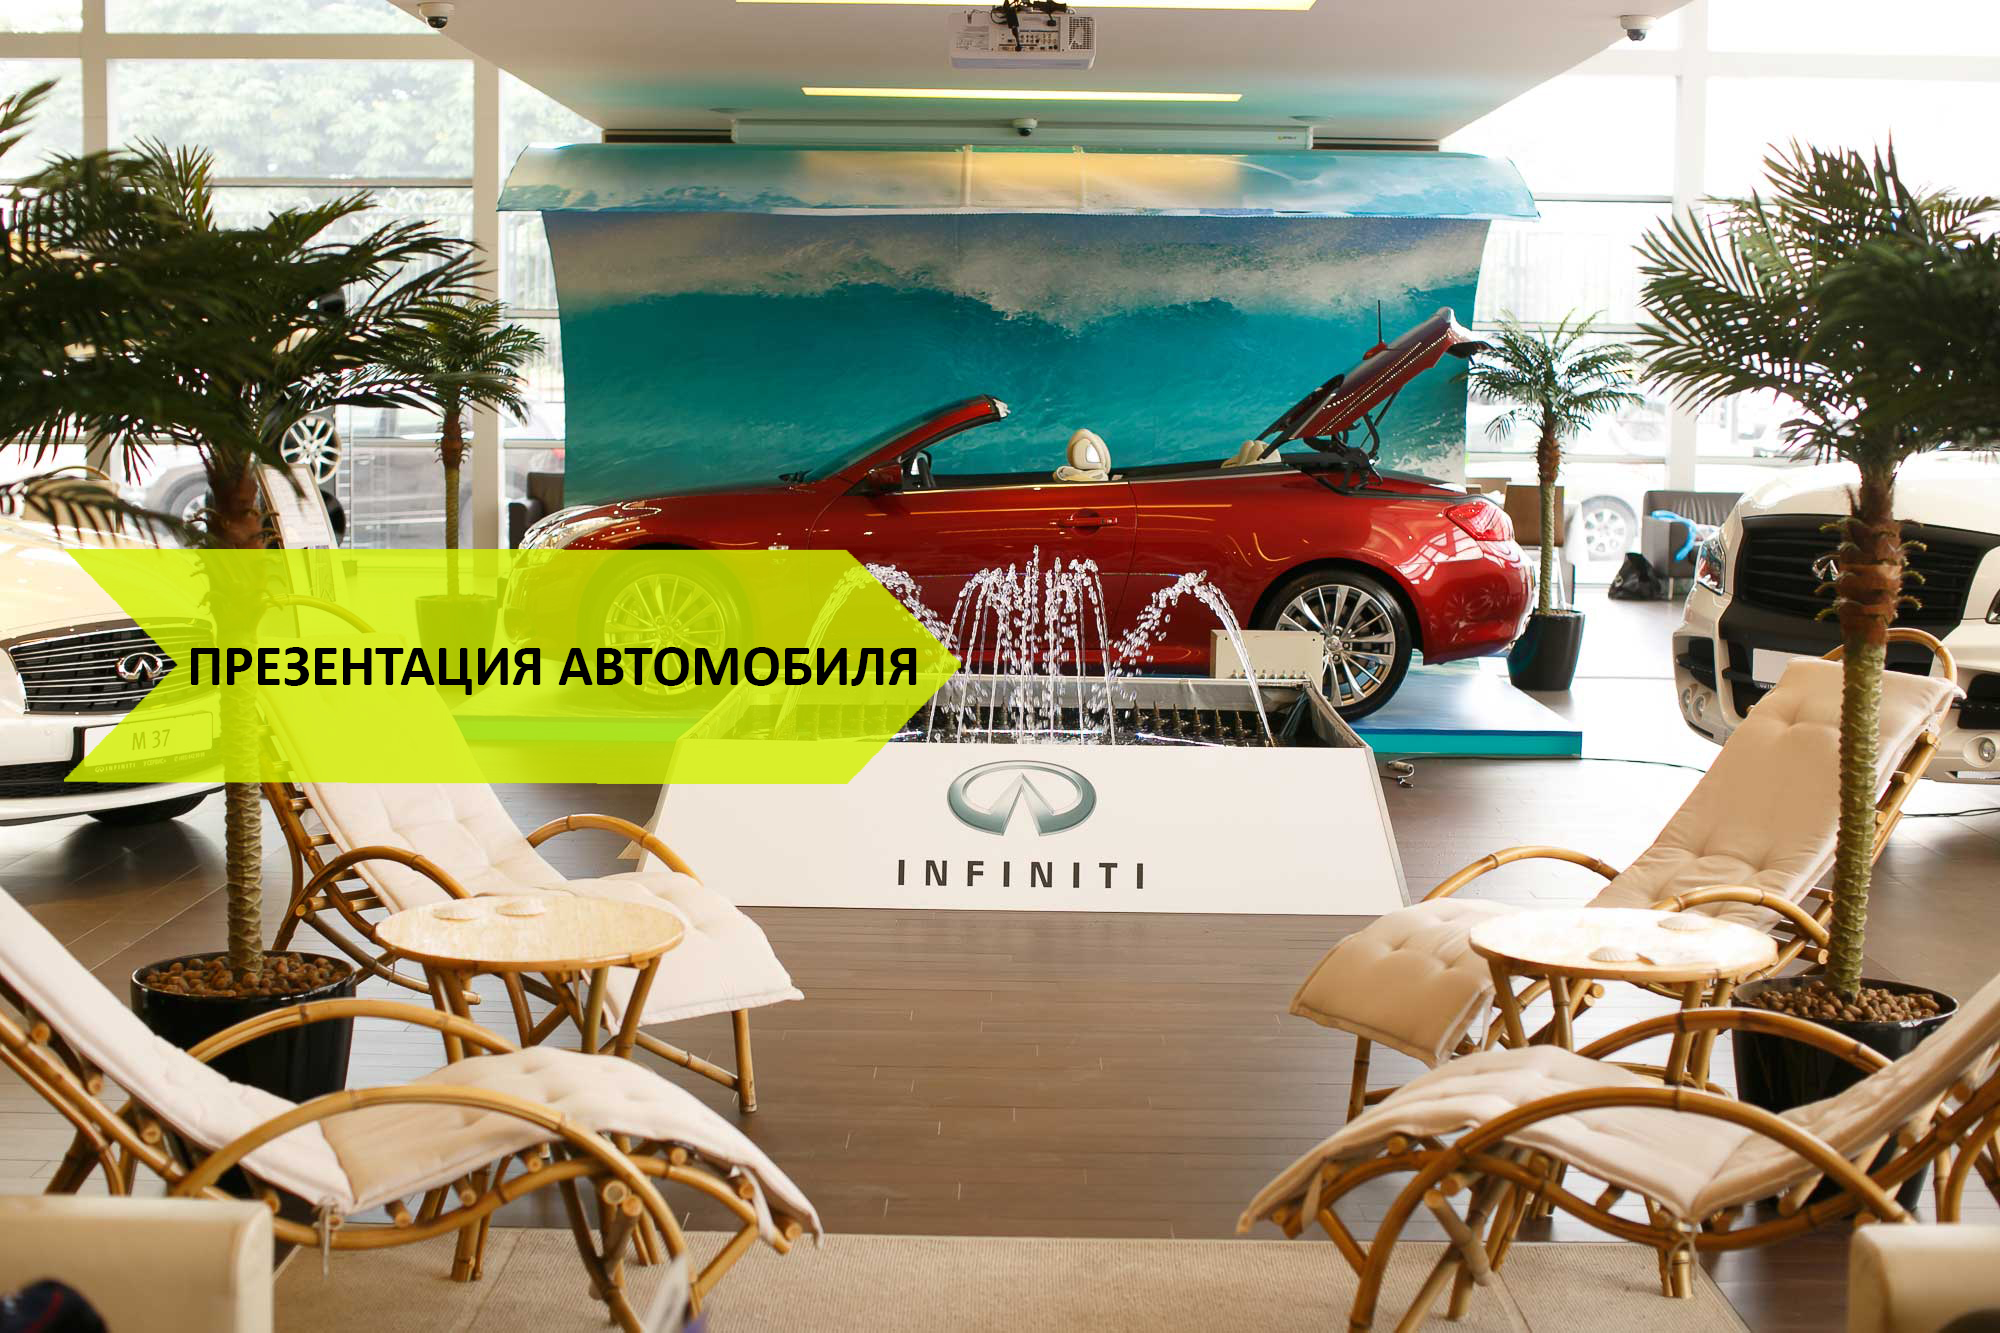 Презентация автомобиля2